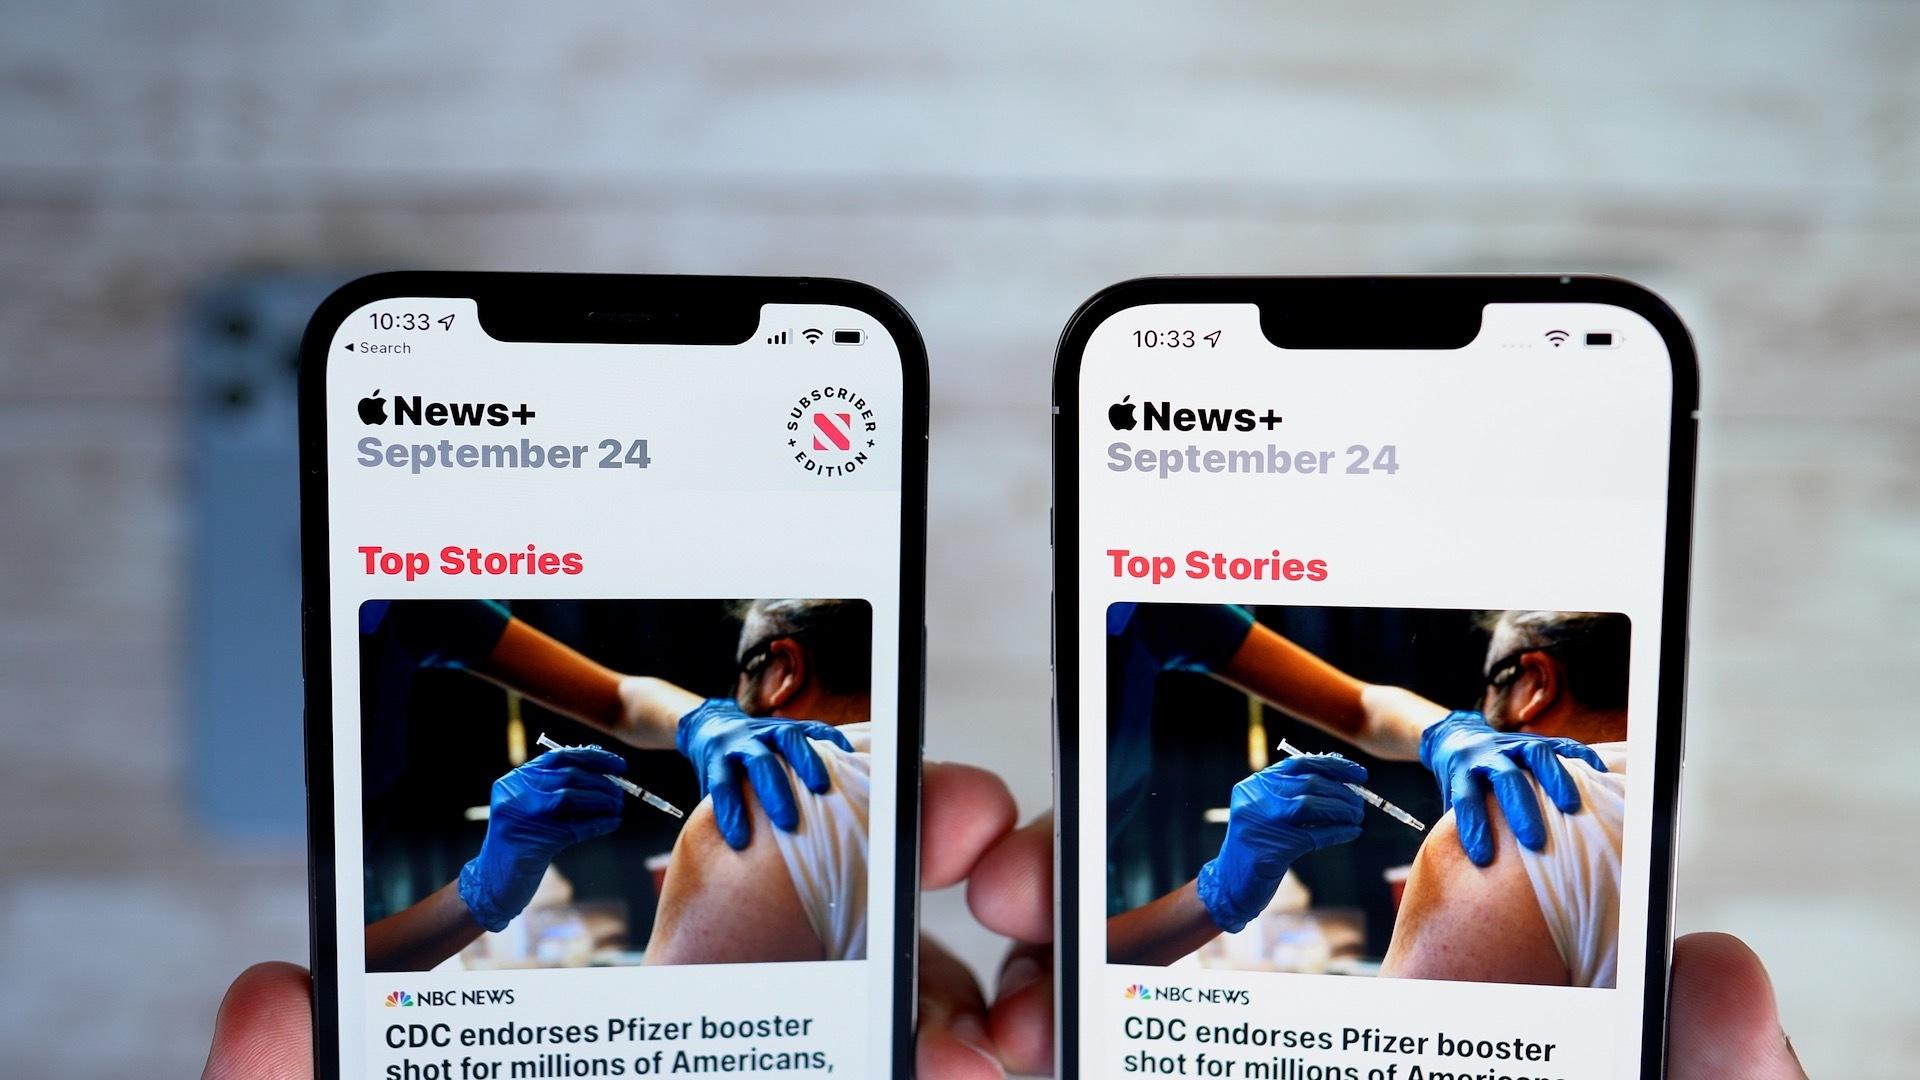 iphone 13 iphone 12 notch comparison